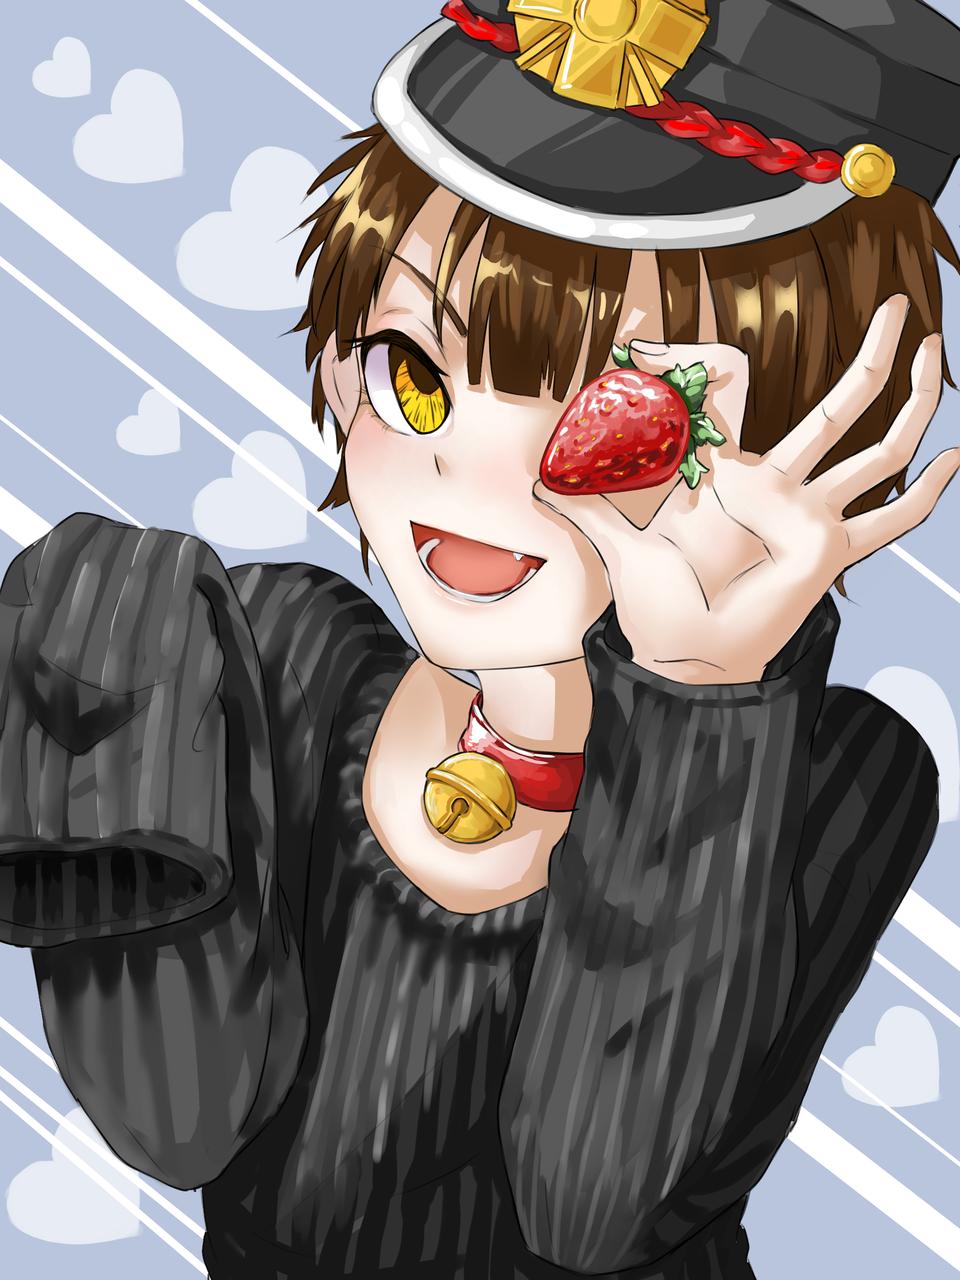 花子君 Illust of wasabi medibangpaint Toilet-boundHanako-kun 花子 NeneYashiro 花子君